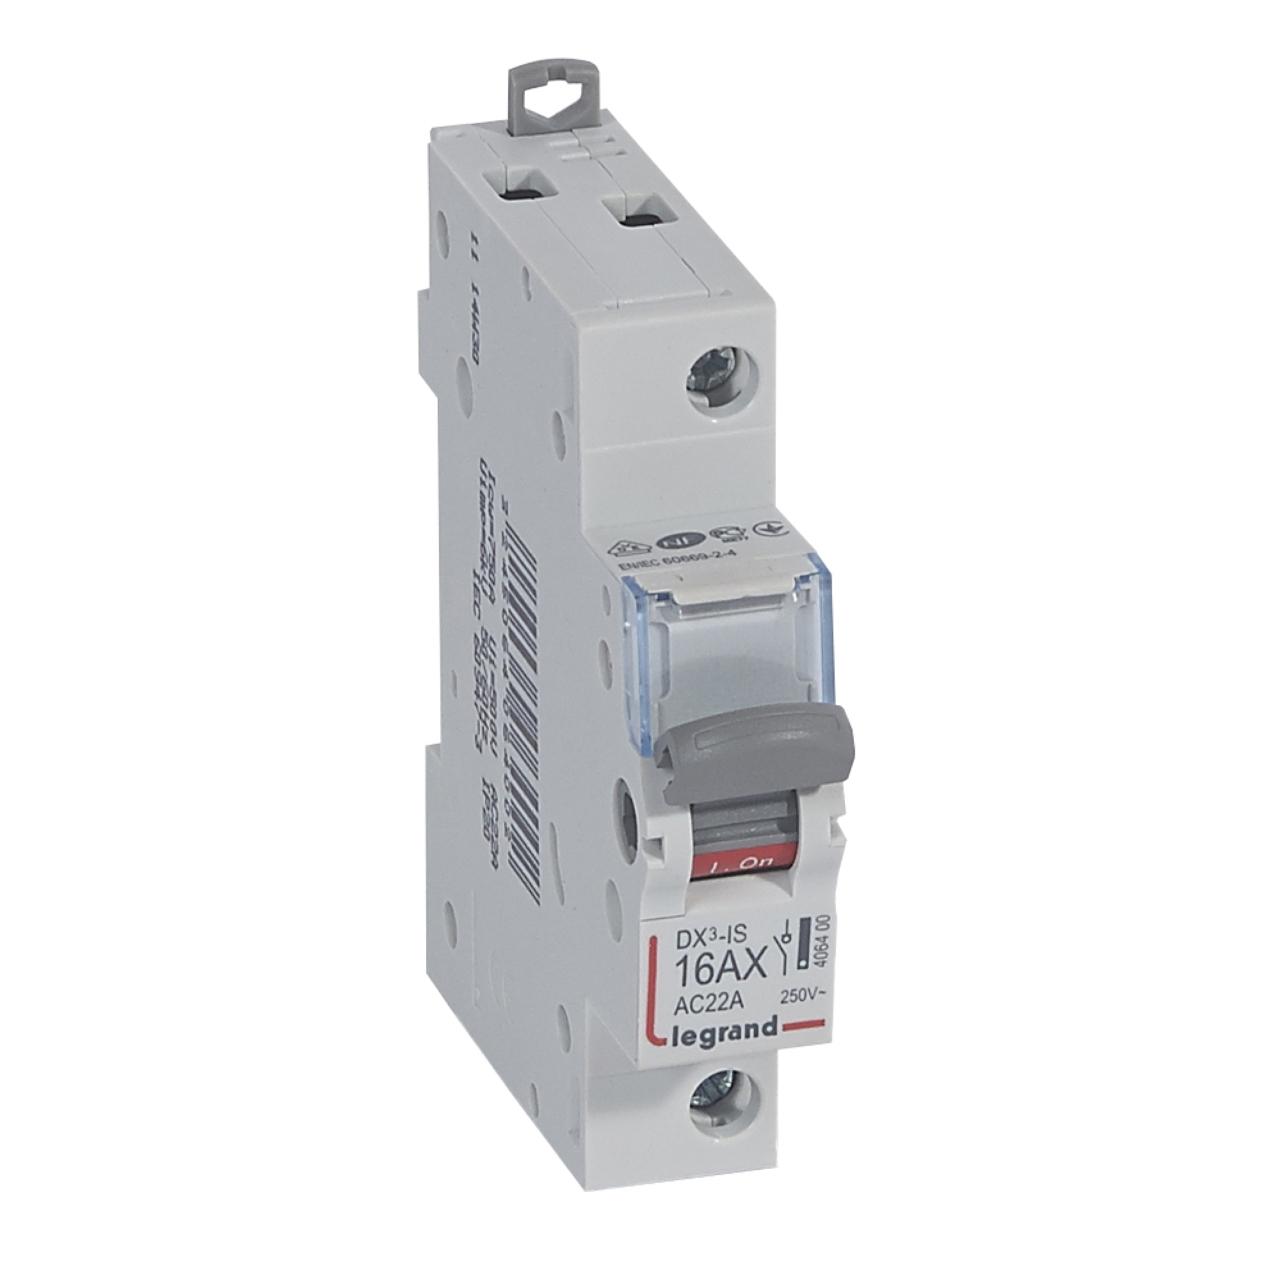 Interrupteur sectionneur legrand dx3 16a 1 pole 11 98 - Armoires electriques legrand ...